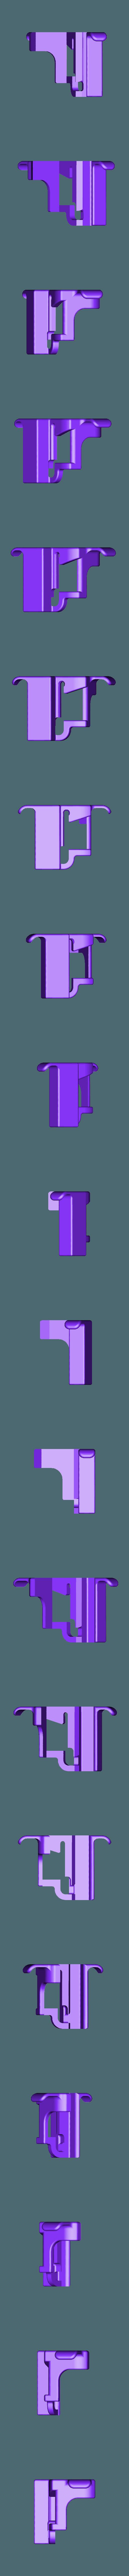 IndoorOutdoorLockingHandle.stl Download free STL file Inside / outside lock handle for GU window door • 3D print model, uhgues